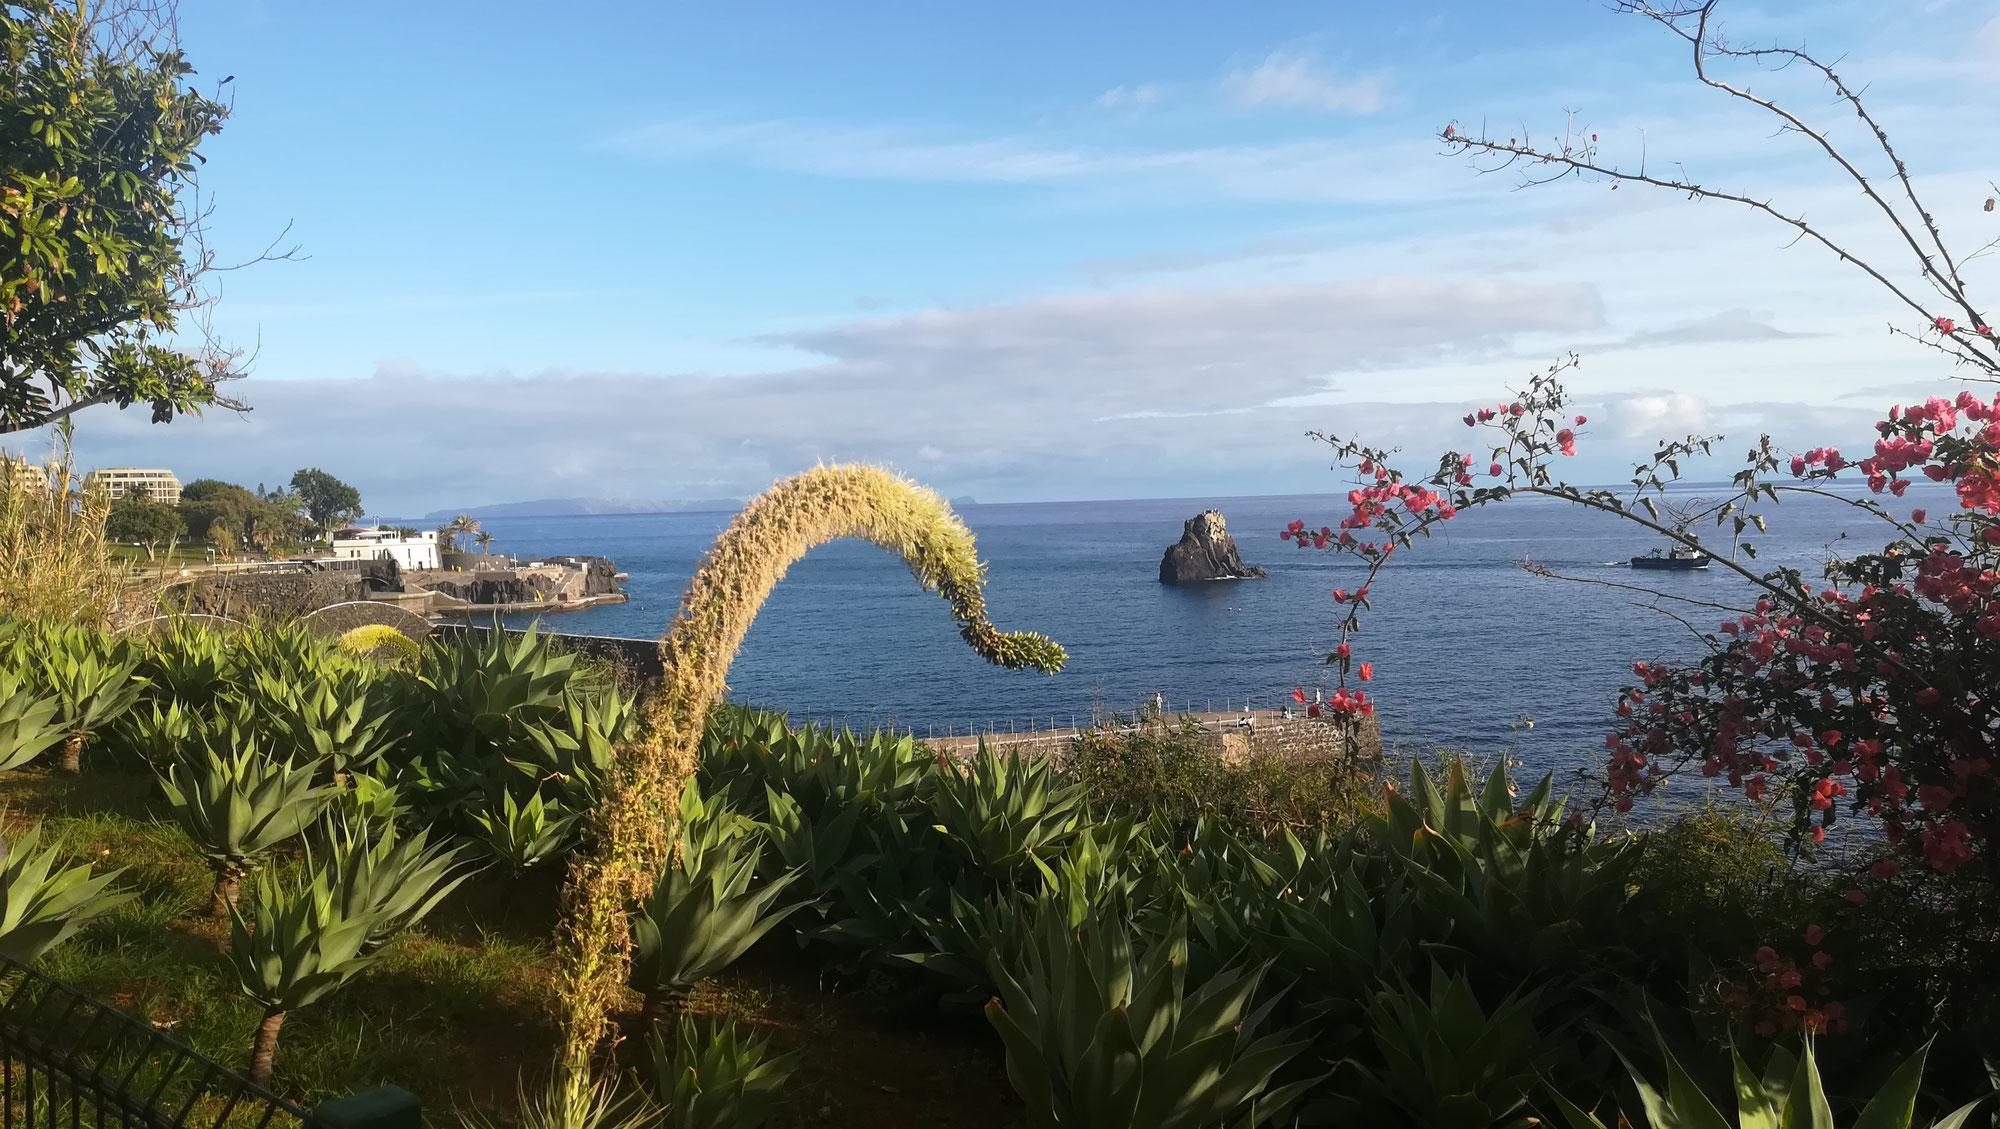 Malerisches Madeira: Roadtrip oder Standortrundreise?